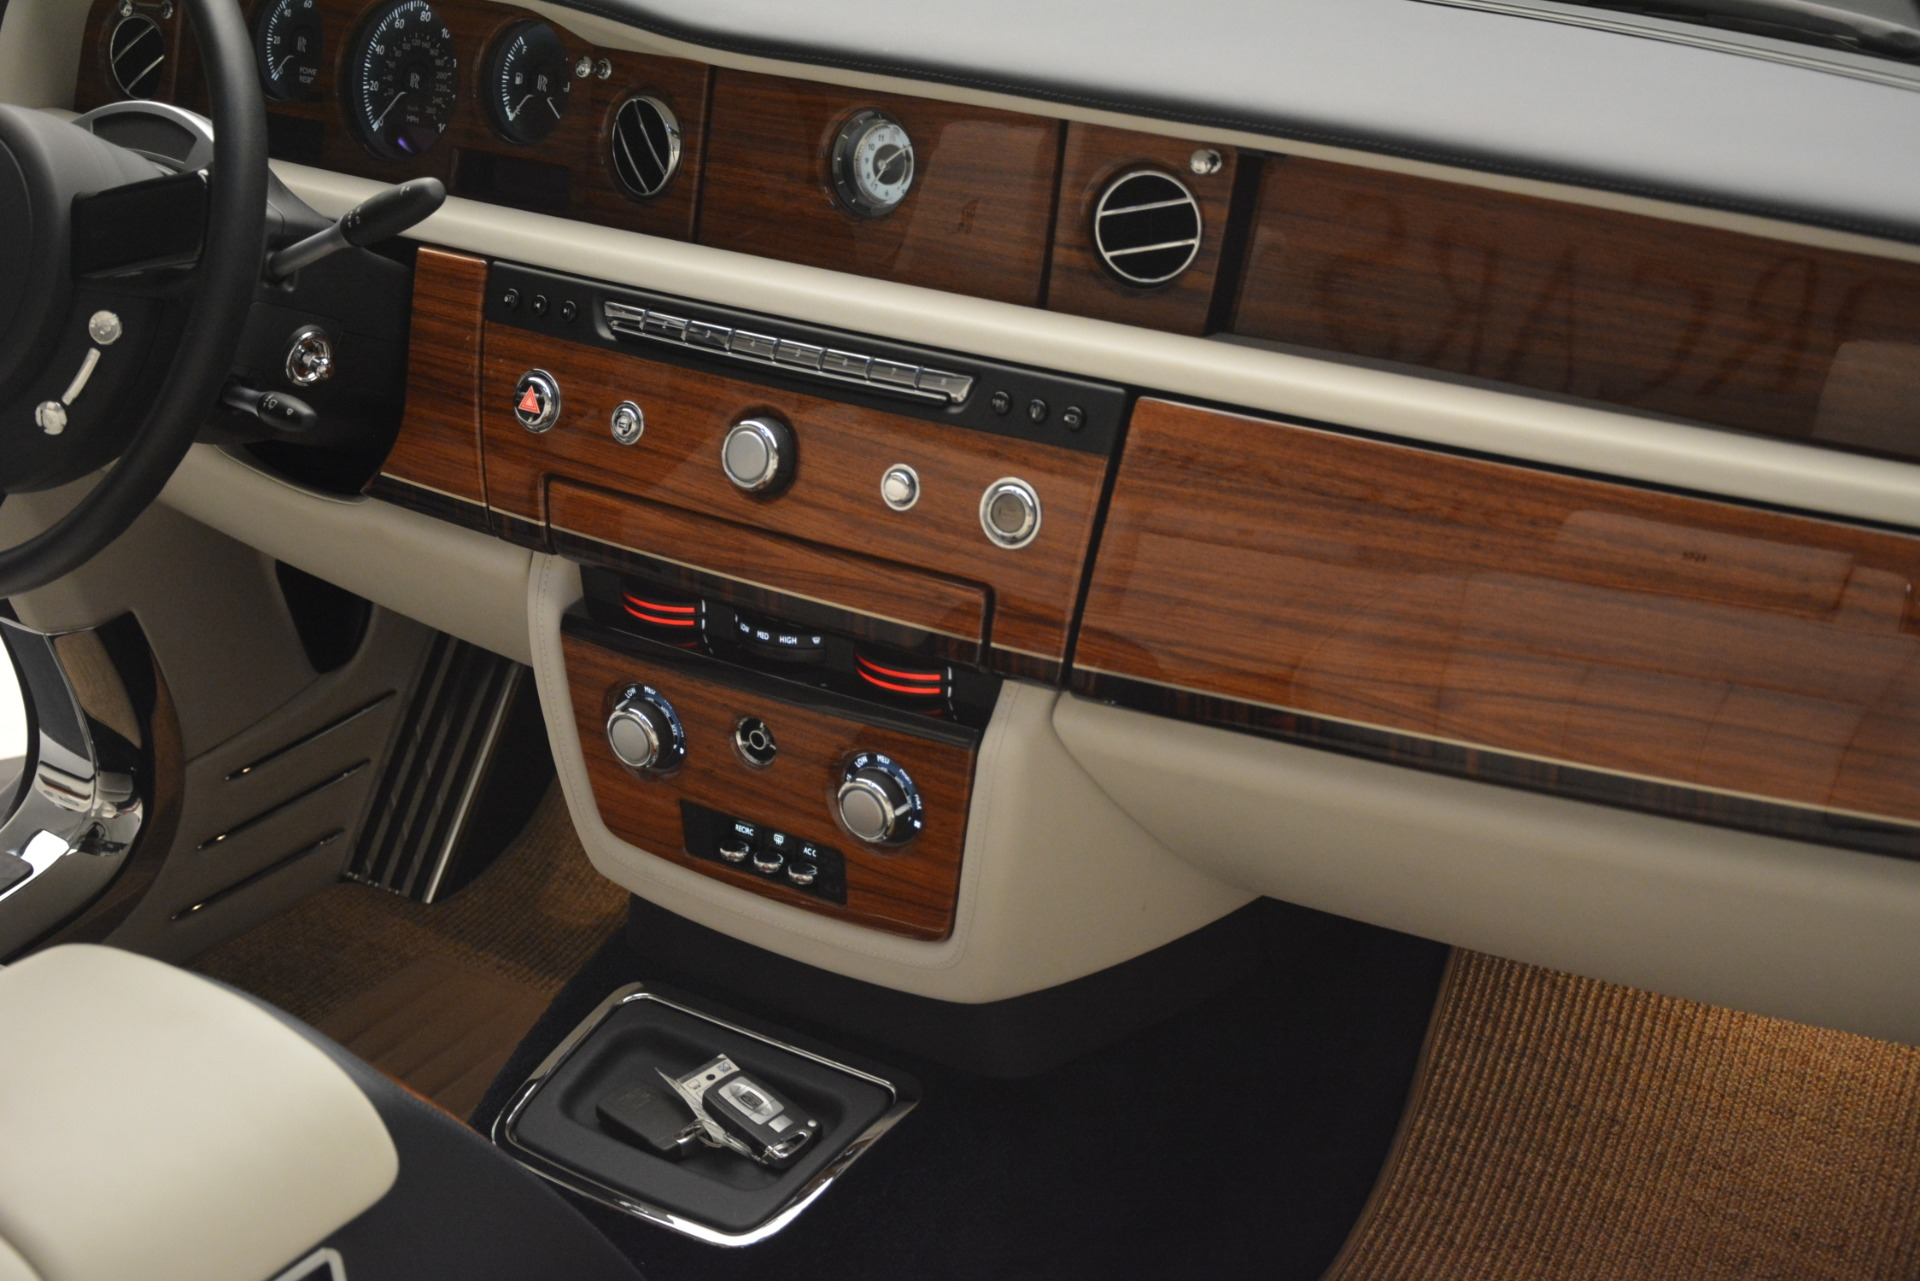 Used 2013 Rolls-Royce Phantom Drophead Coupe  For Sale In Westport, CT 2999_p39